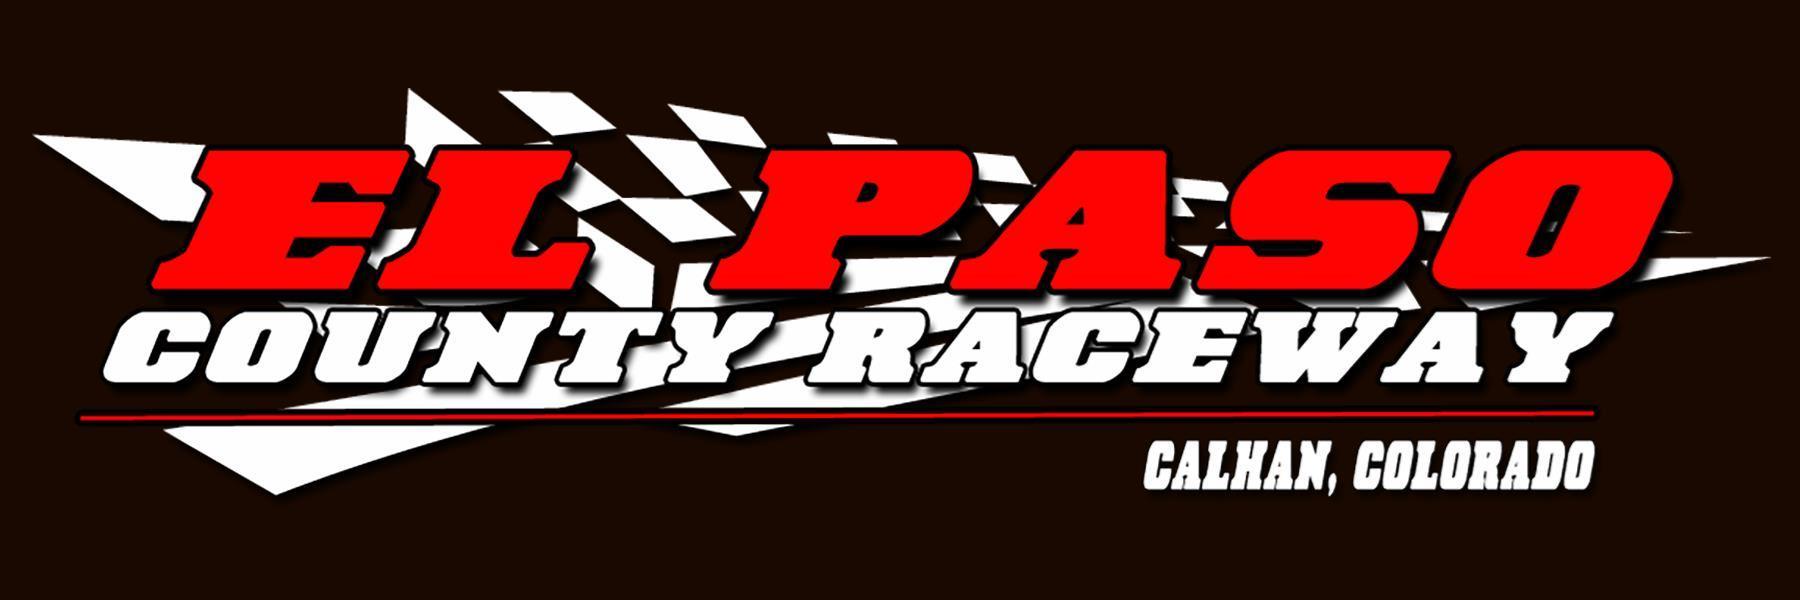 8/28/2021 - El Paso County Raceway